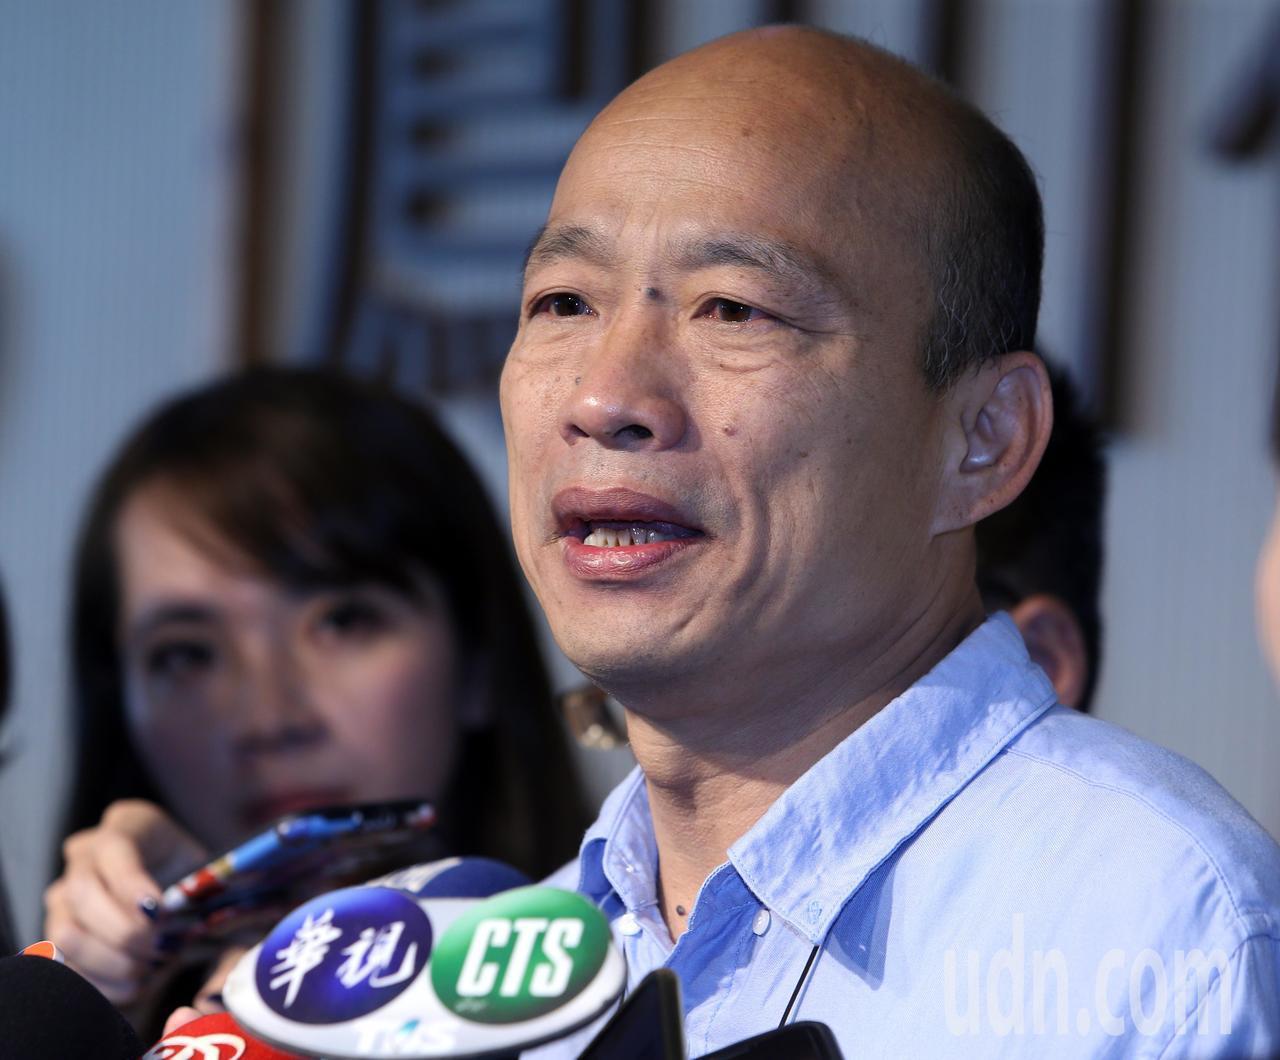 高雄市長韓國瑜質疑民進黨兩套標準。記者劉學聖/攝影